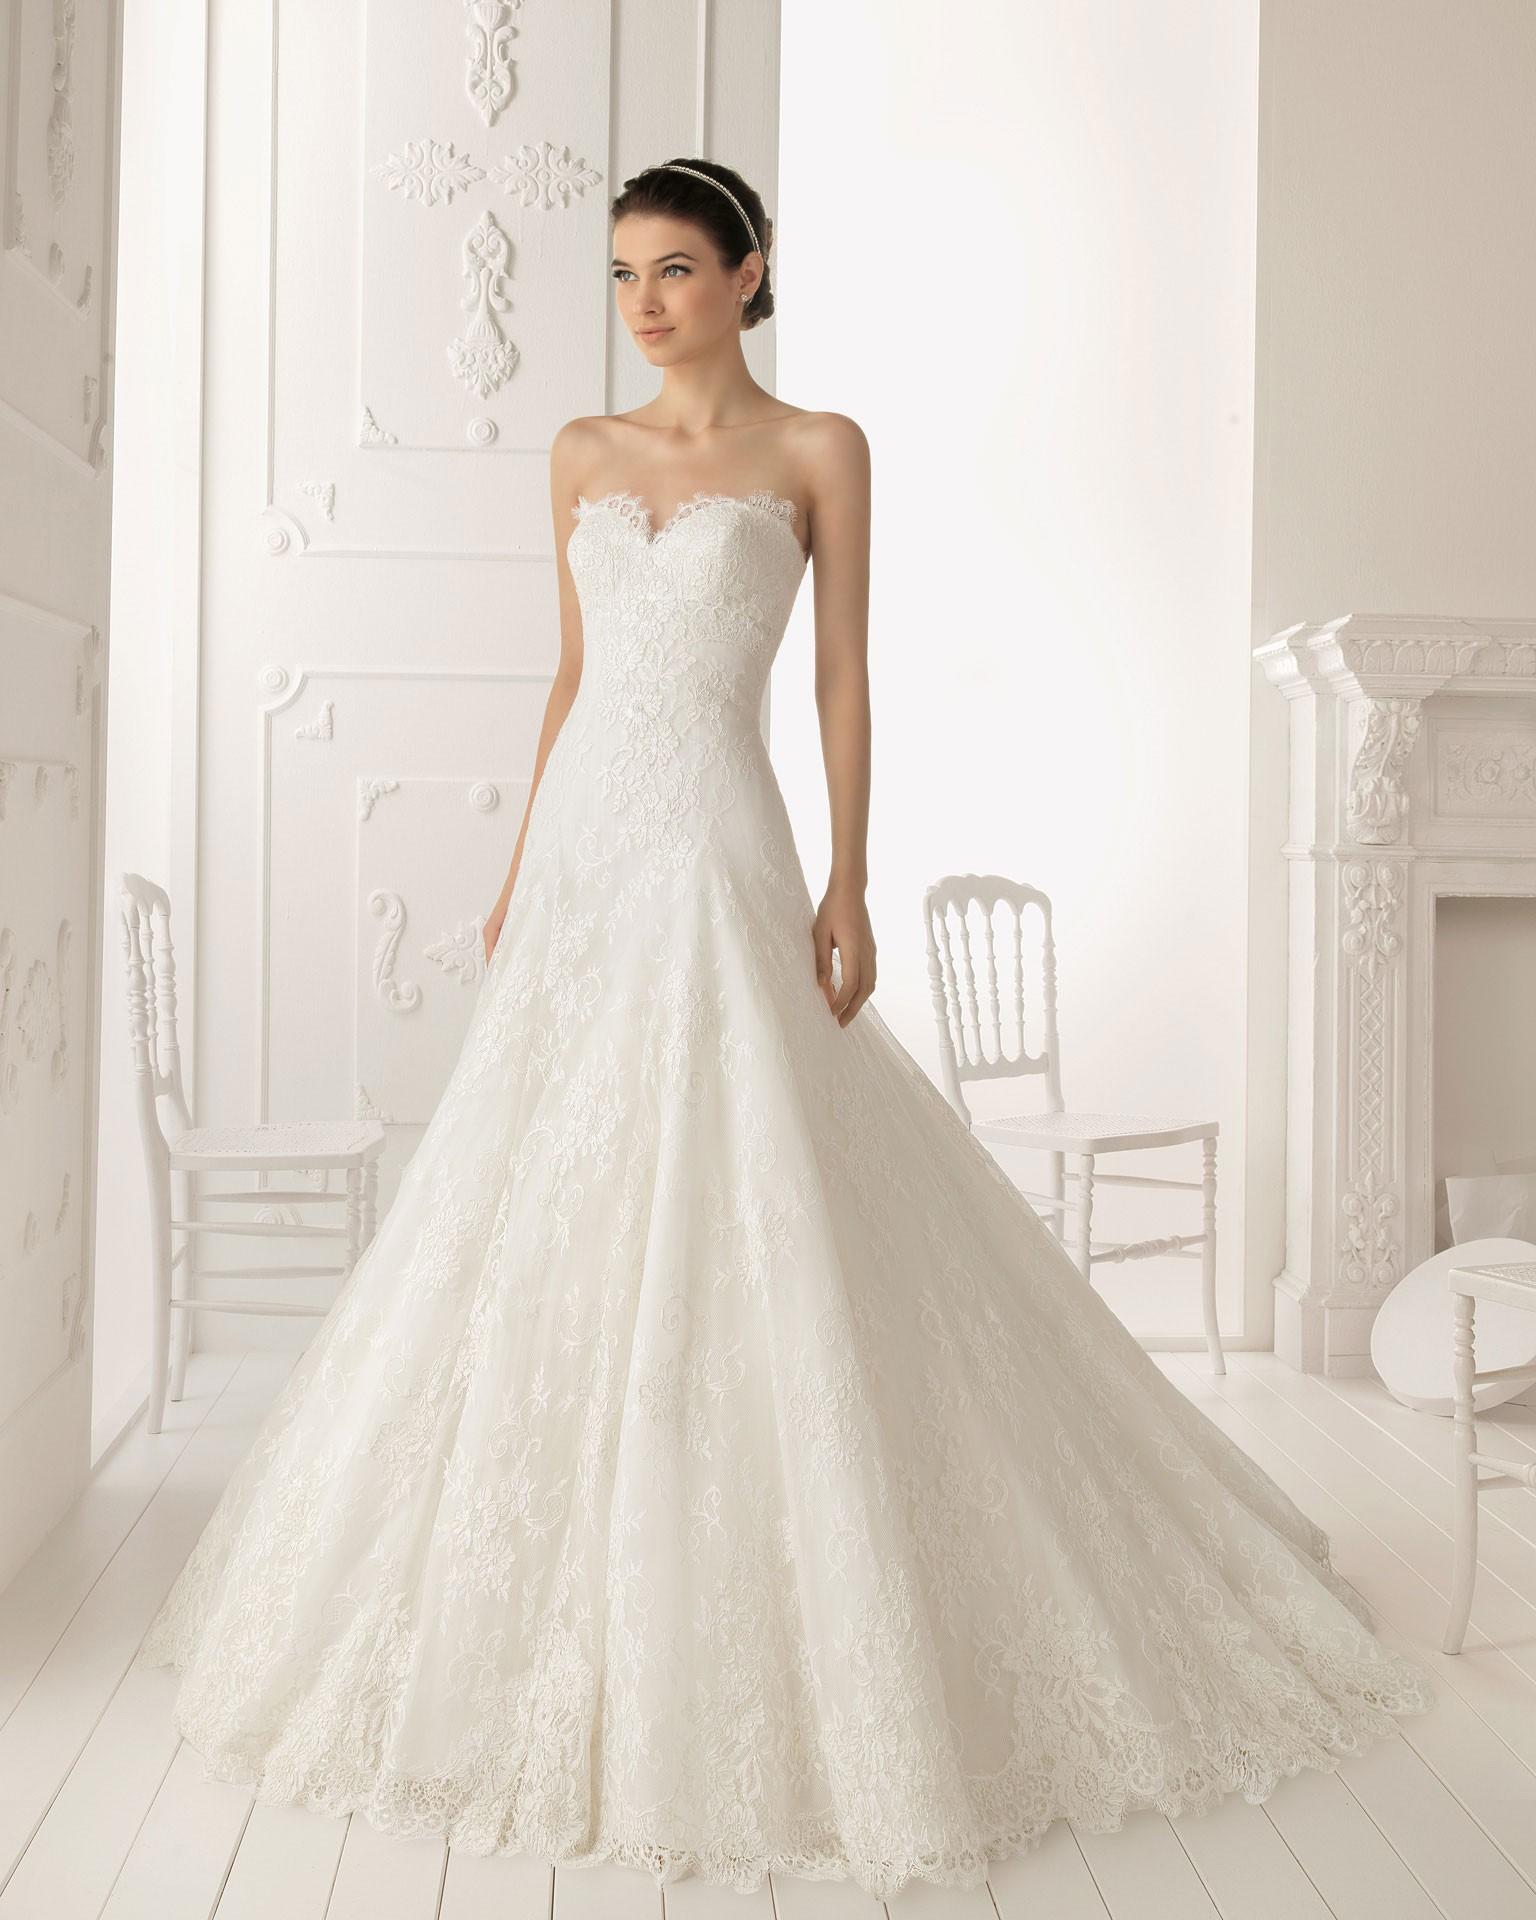 Drop Waist Wedding Dress | Dressed Up Girl